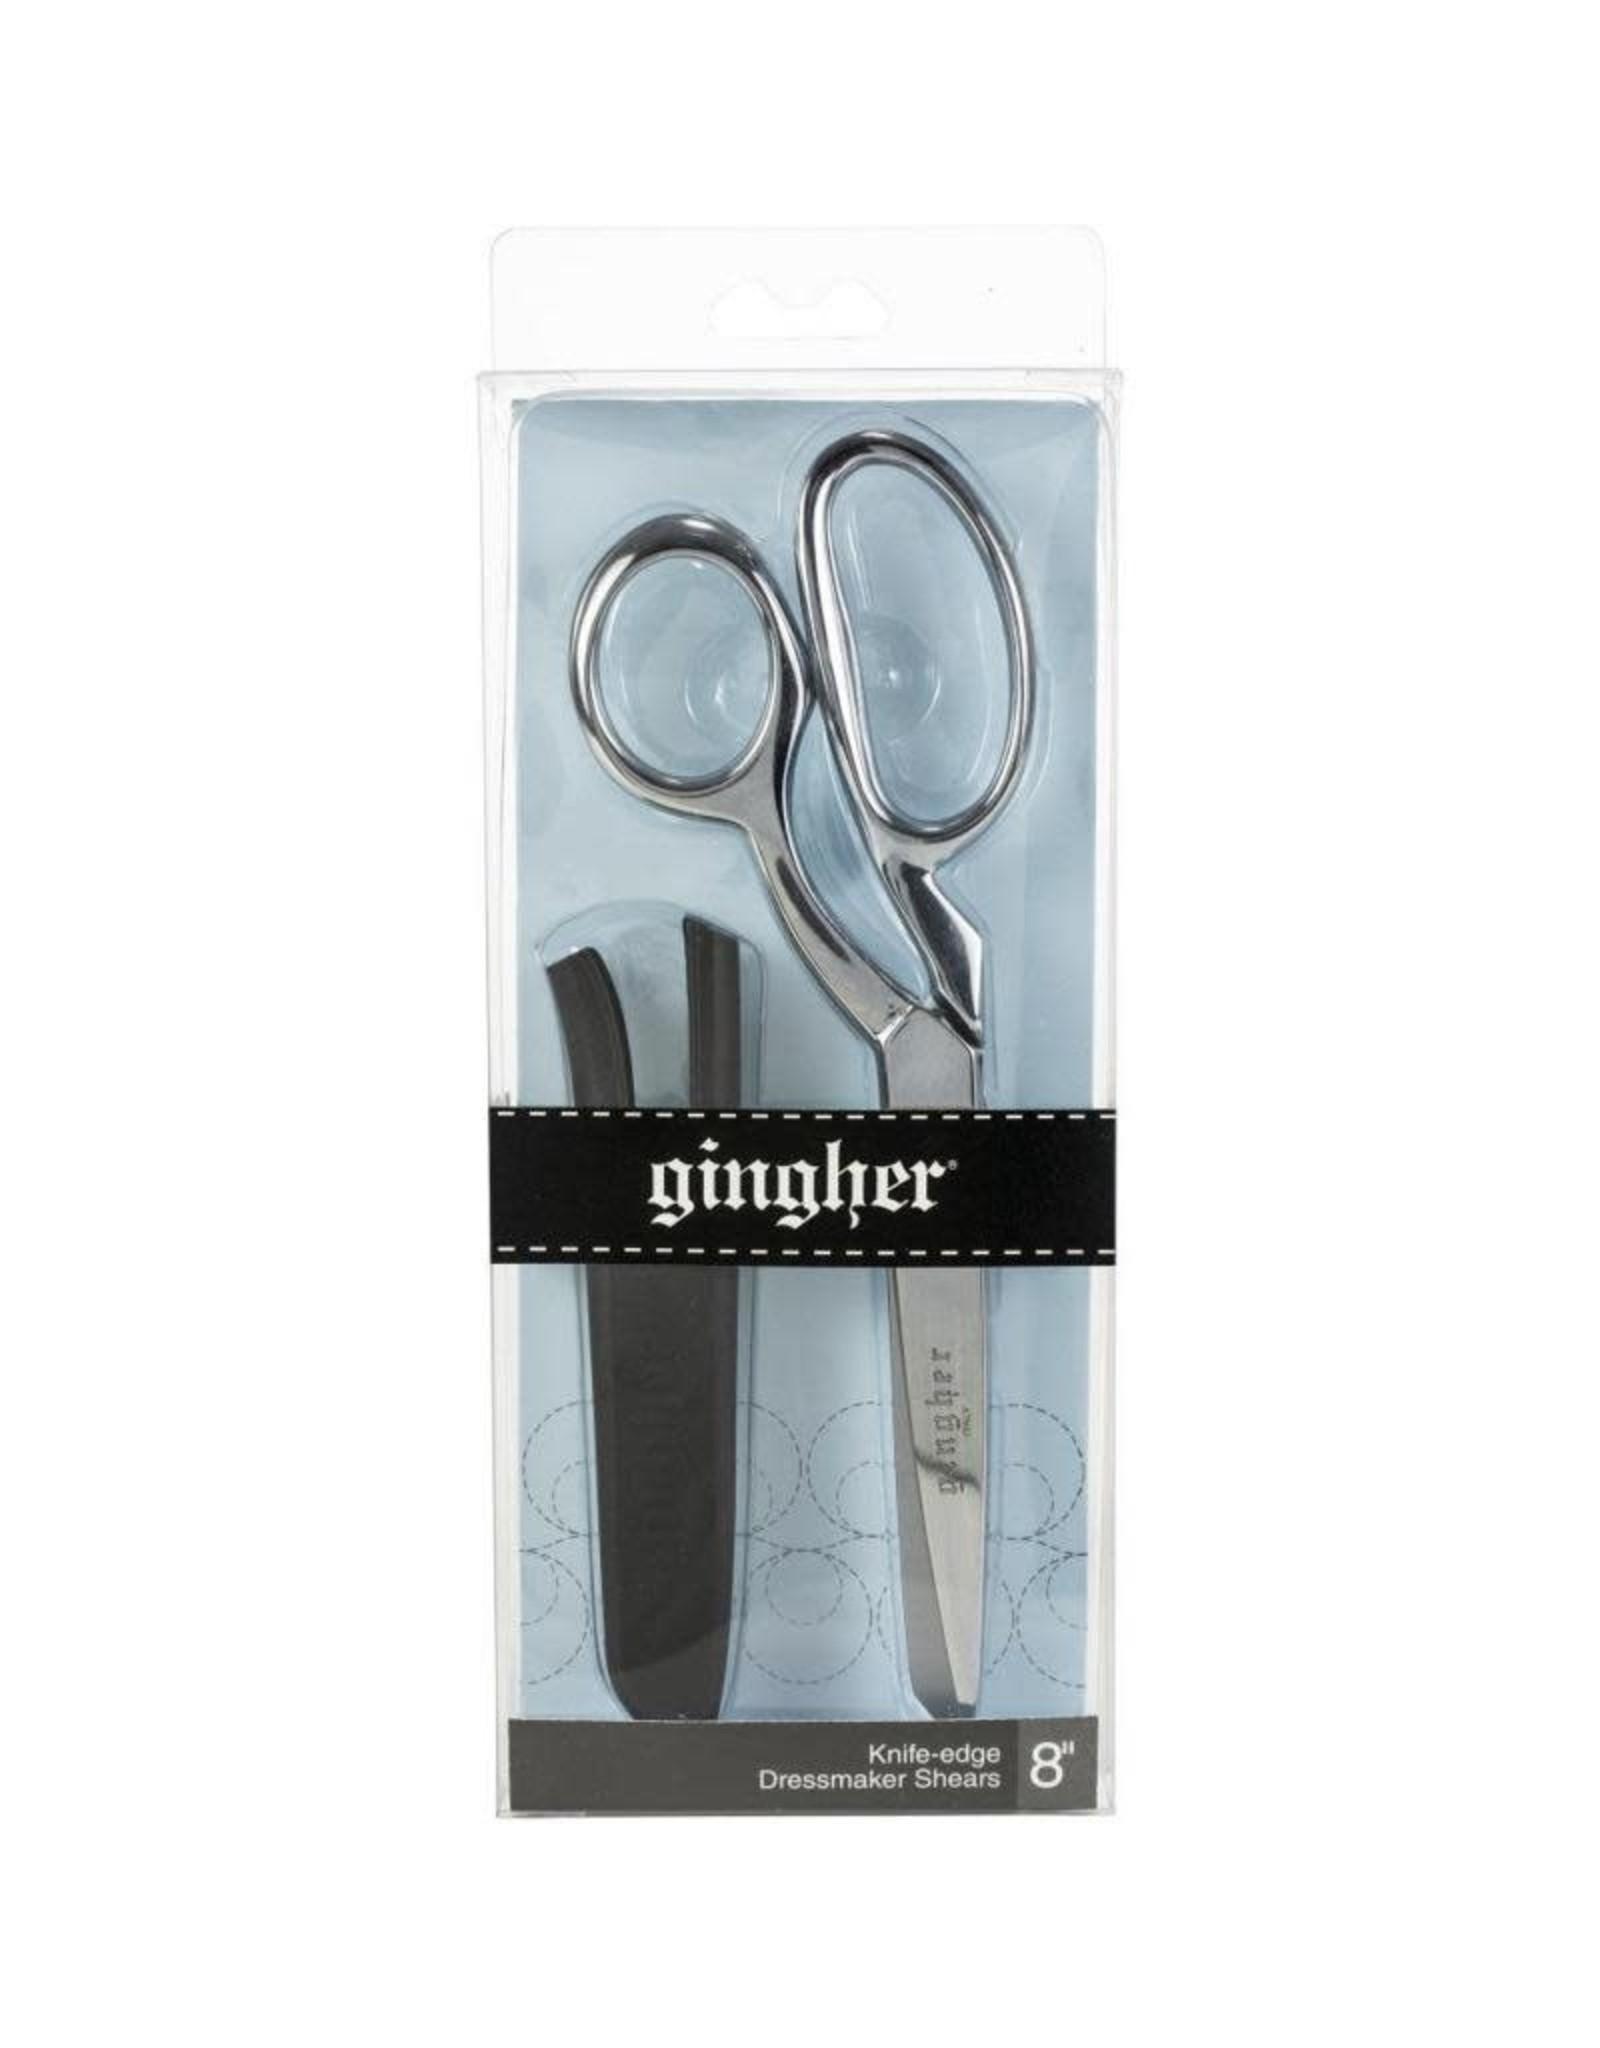 """Gingher Gingher 8"""" Right-Hand Knife-edge Dressmaker Shears Scissors"""